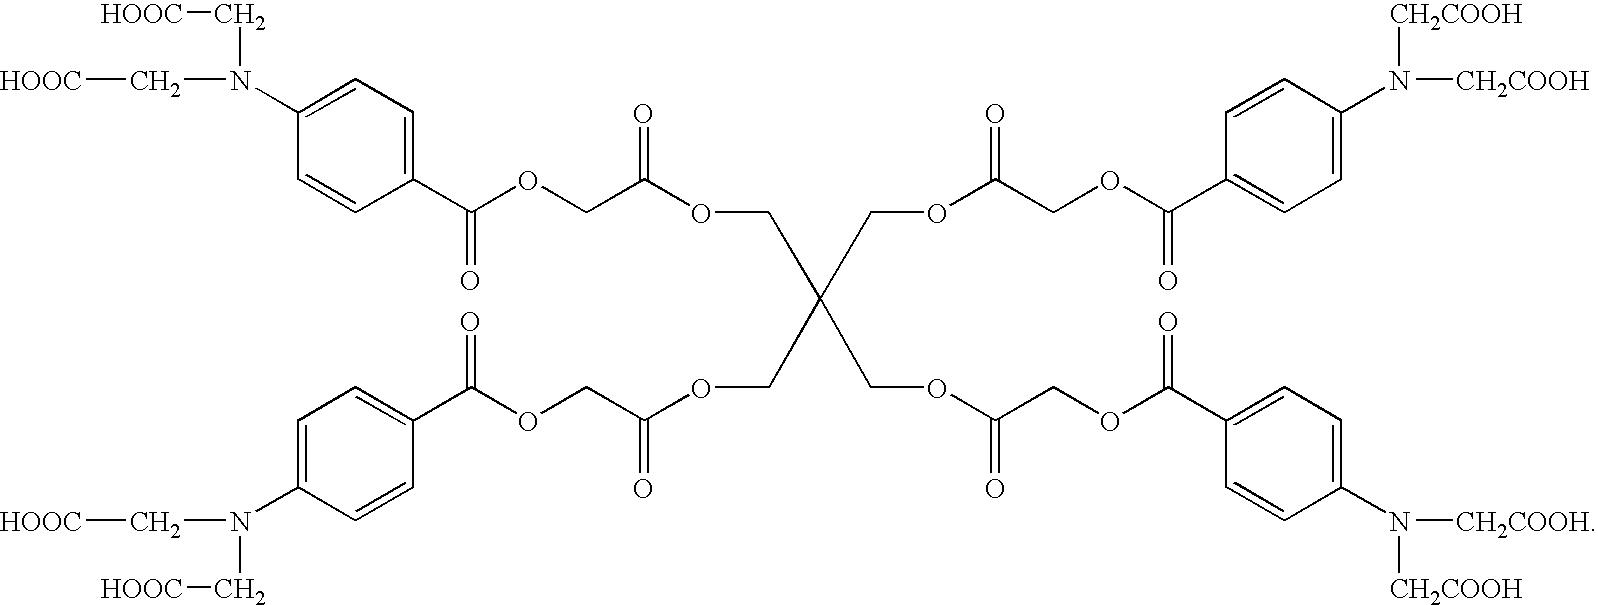 Figure US08053591-20111108-C00033